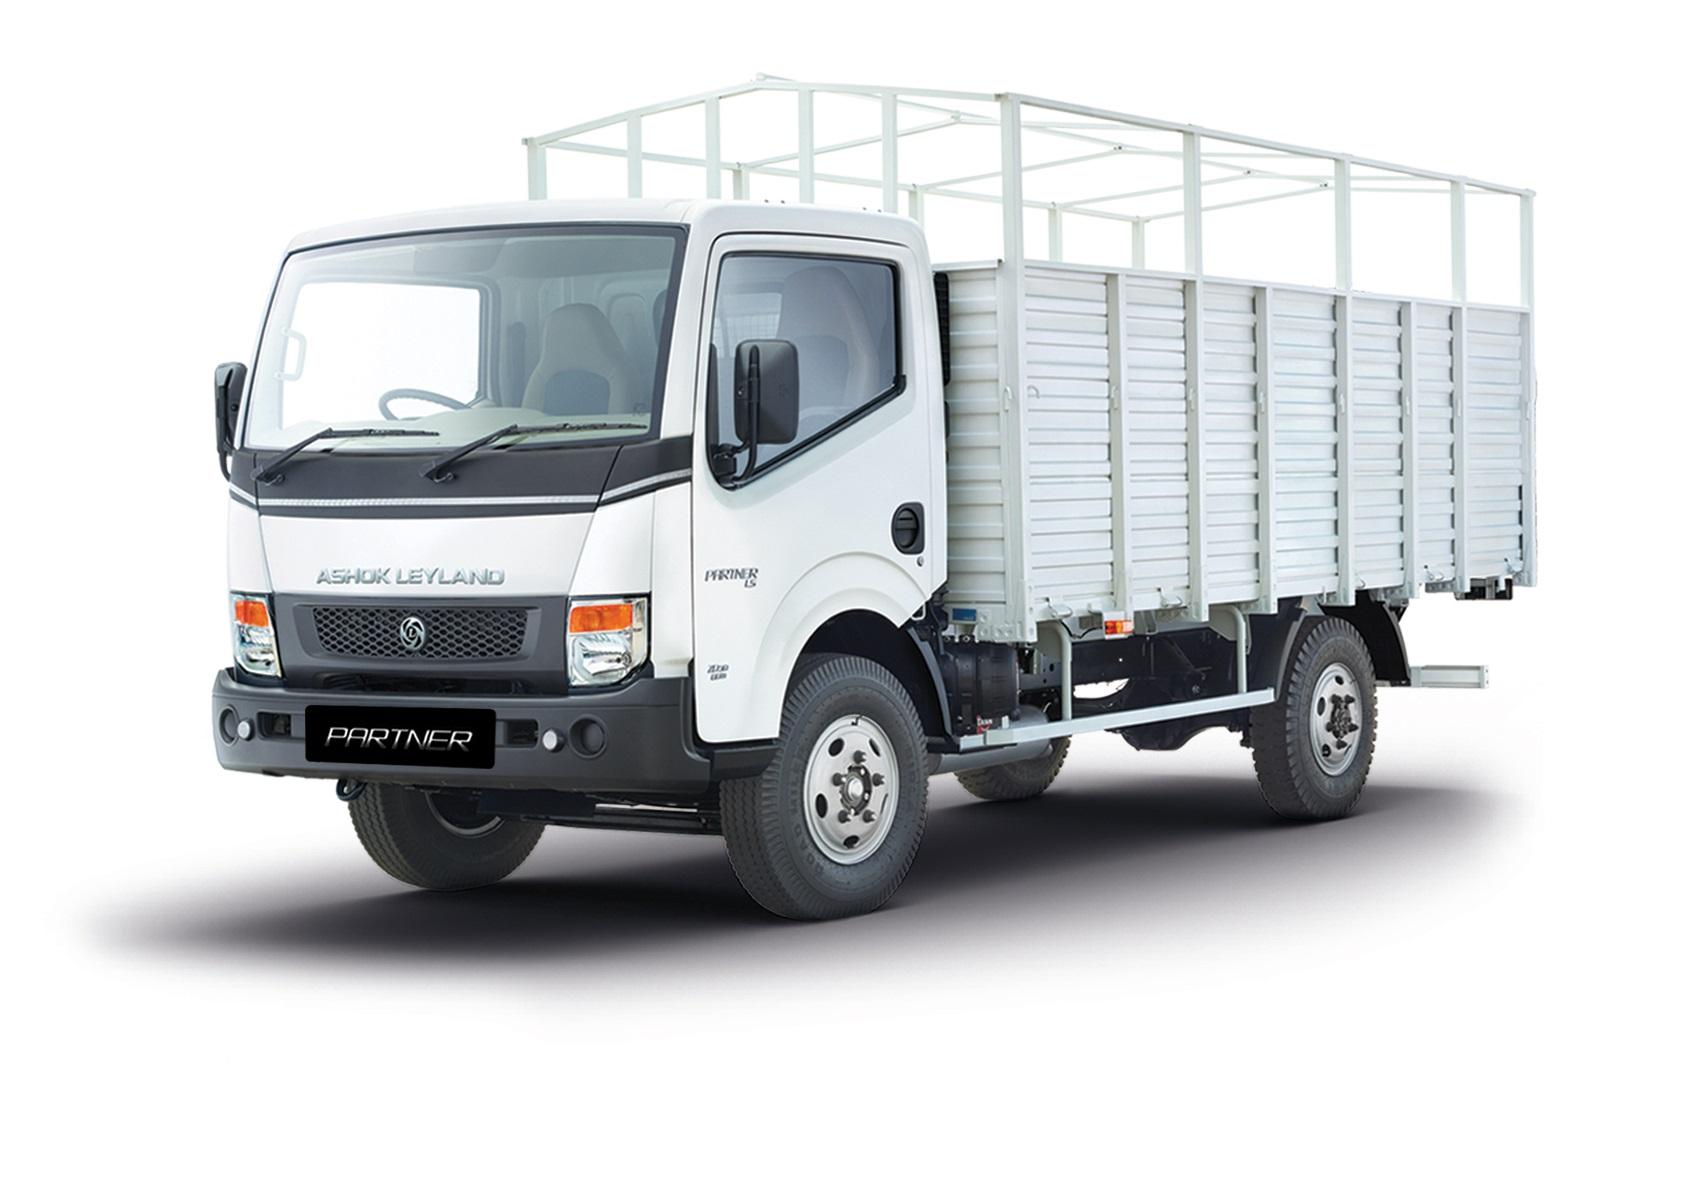 अशोक लीलैंड ने बीएस-6 मानकों वाला ट्रक पेश किया